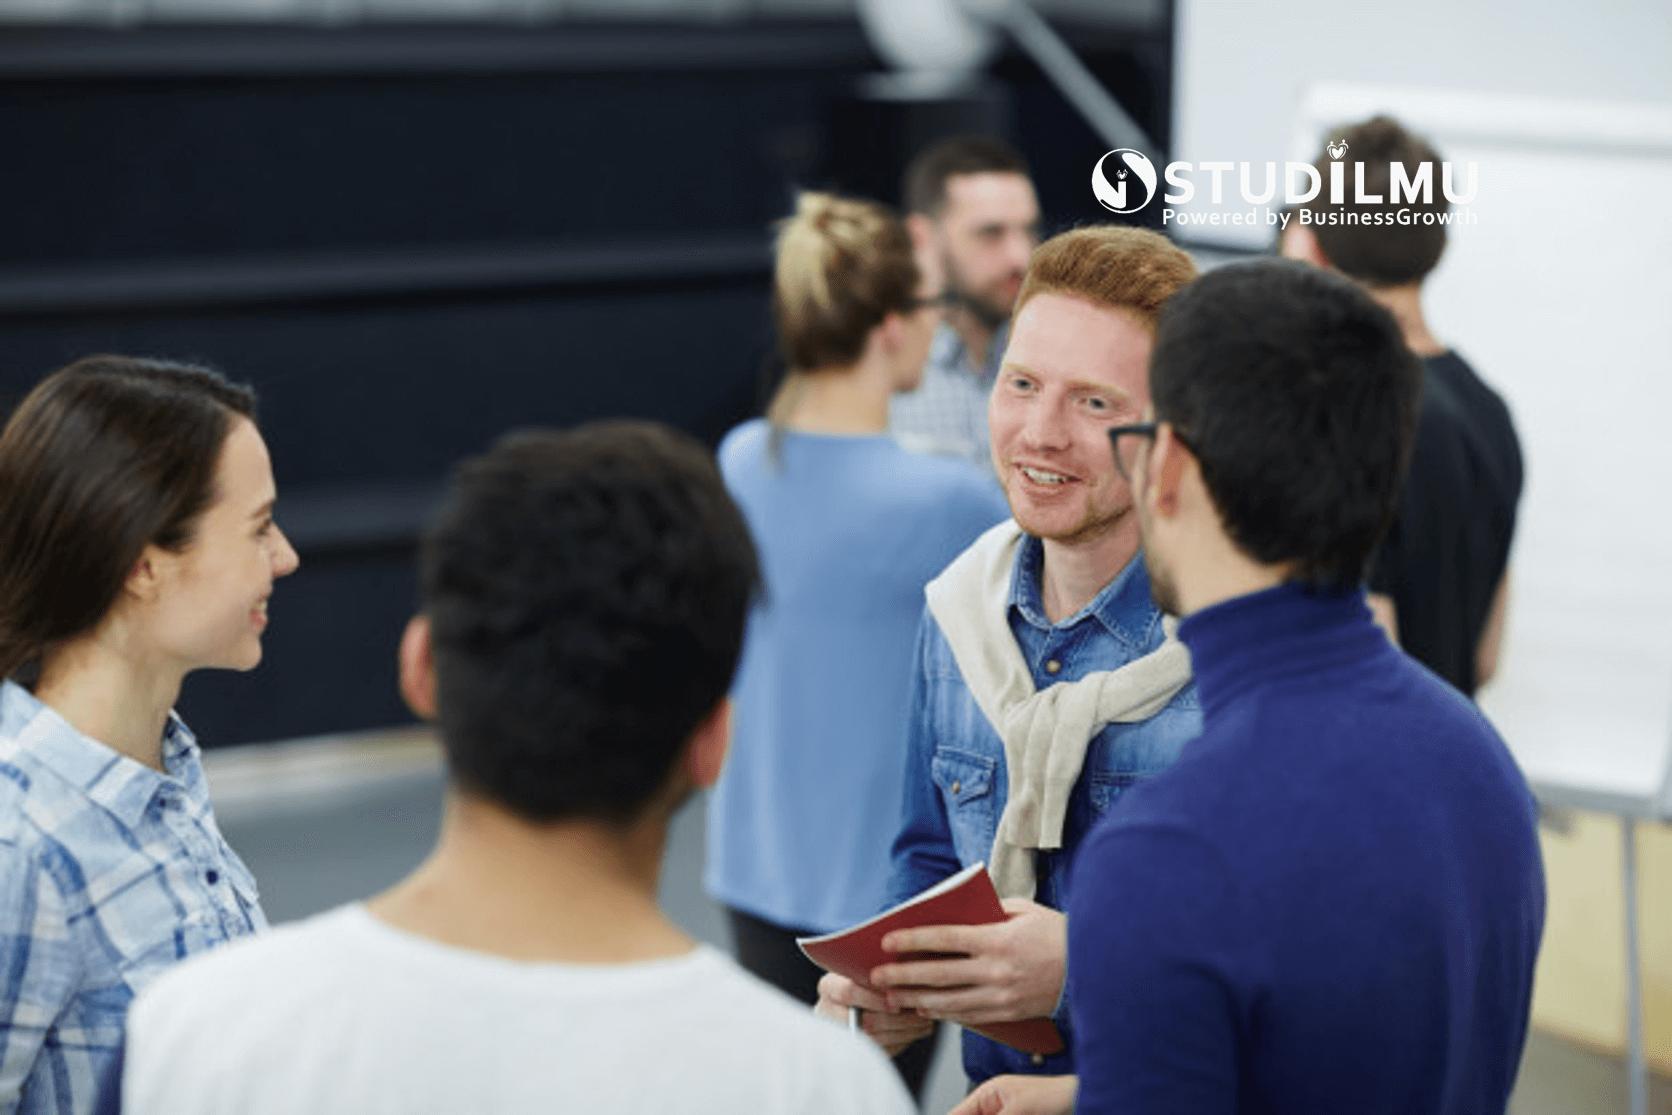 STUDILMU Career Advice - 5 Langkah dalam Komunikasi Efektif selama Krisis